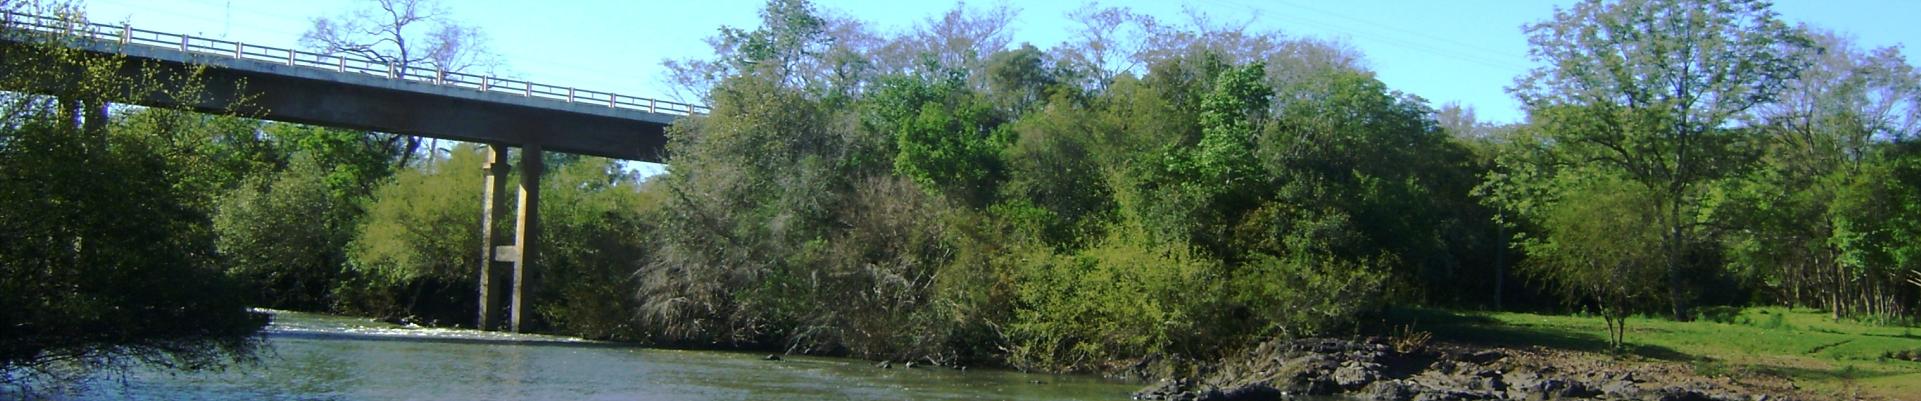 Itacurubi Rio Grande do Sul fonte: www.itacurubi.rs.gov.br